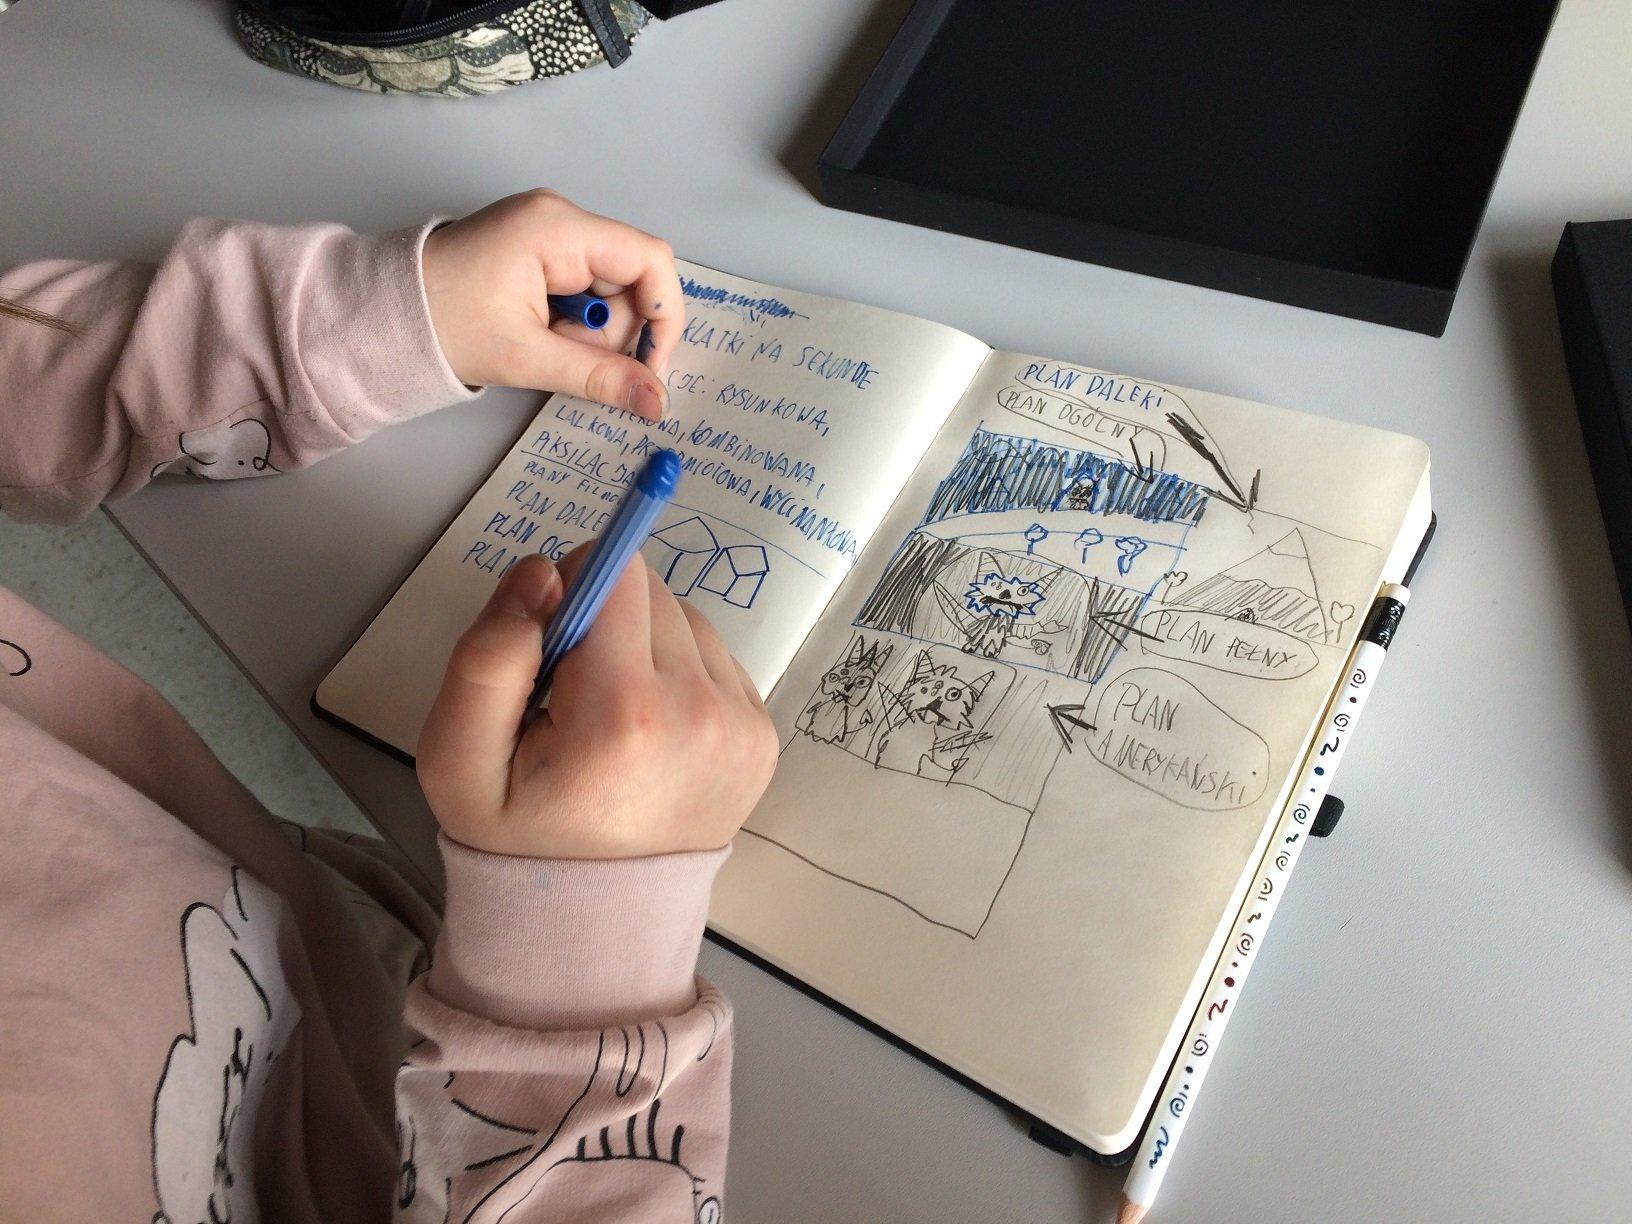 Akademia Animacji- rusza trzecia edycja dwumiesięcznego kursu animacji dla uczniów